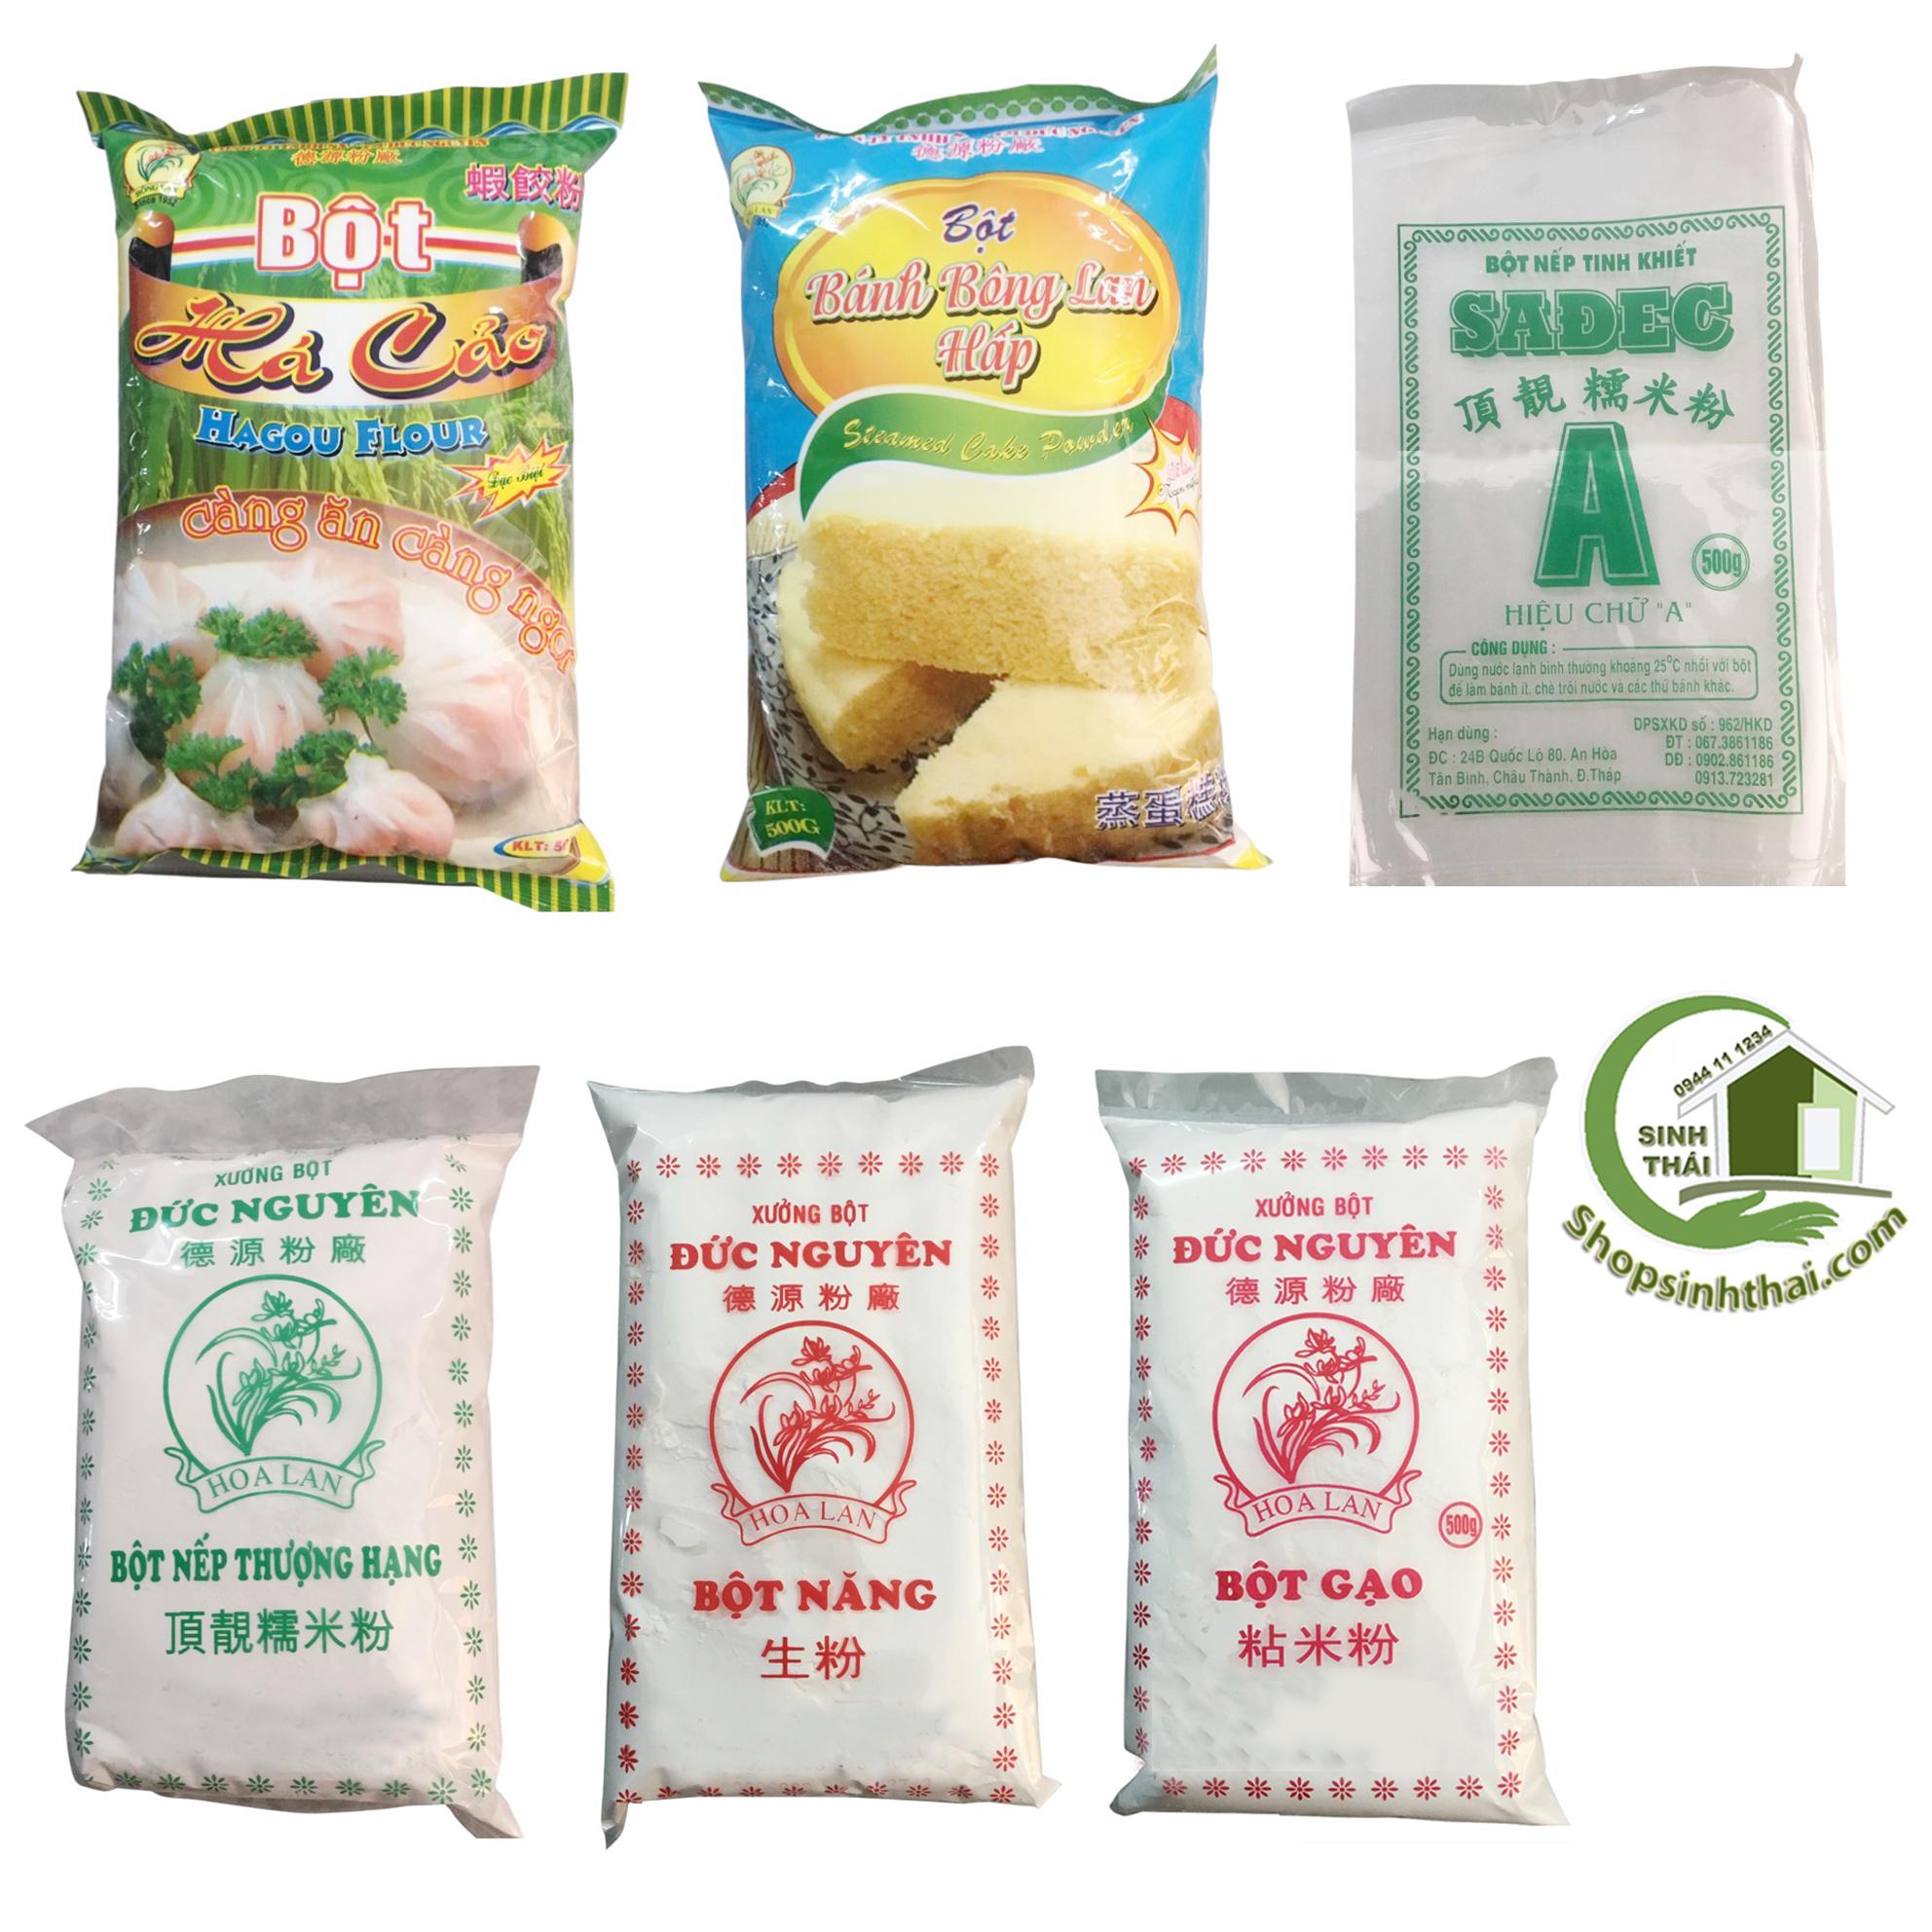 Bột gạo, bột nếp, bột năng, bột bánh cuốn, bột bánh xèo, bột bánh bông lan hấp, bột há cảo - Bịch 500g - chọn loại